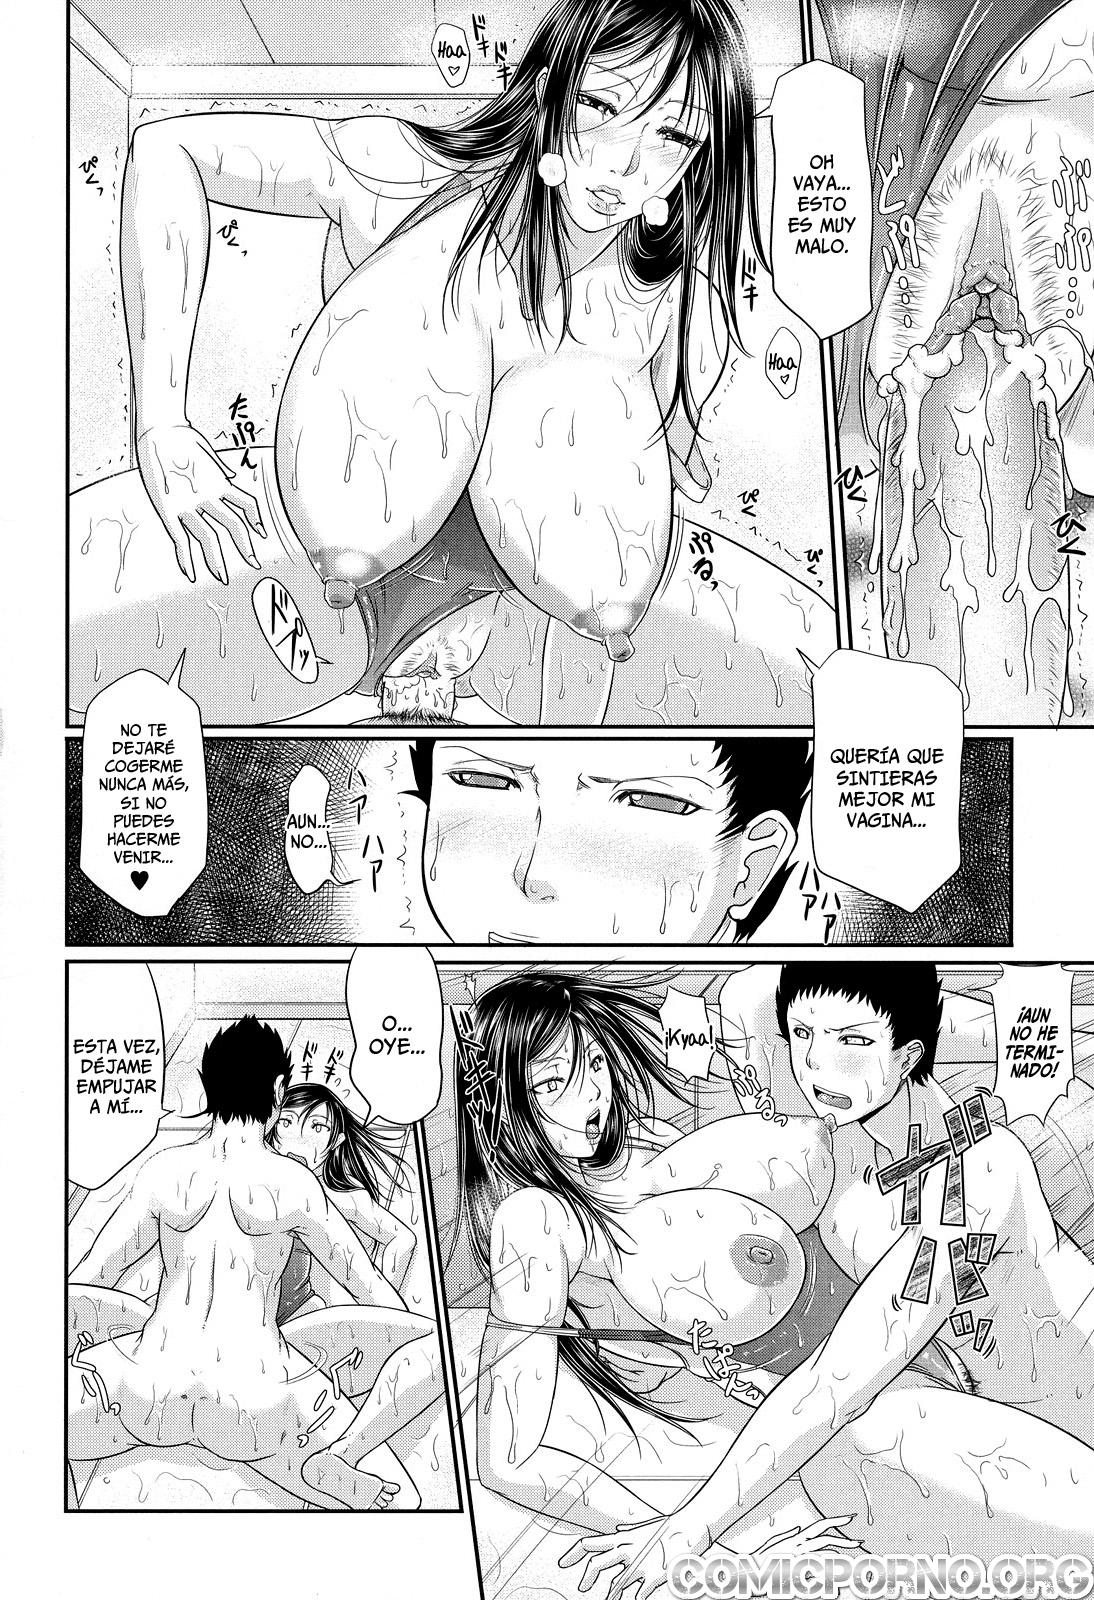 sexo manga tetonas morenas